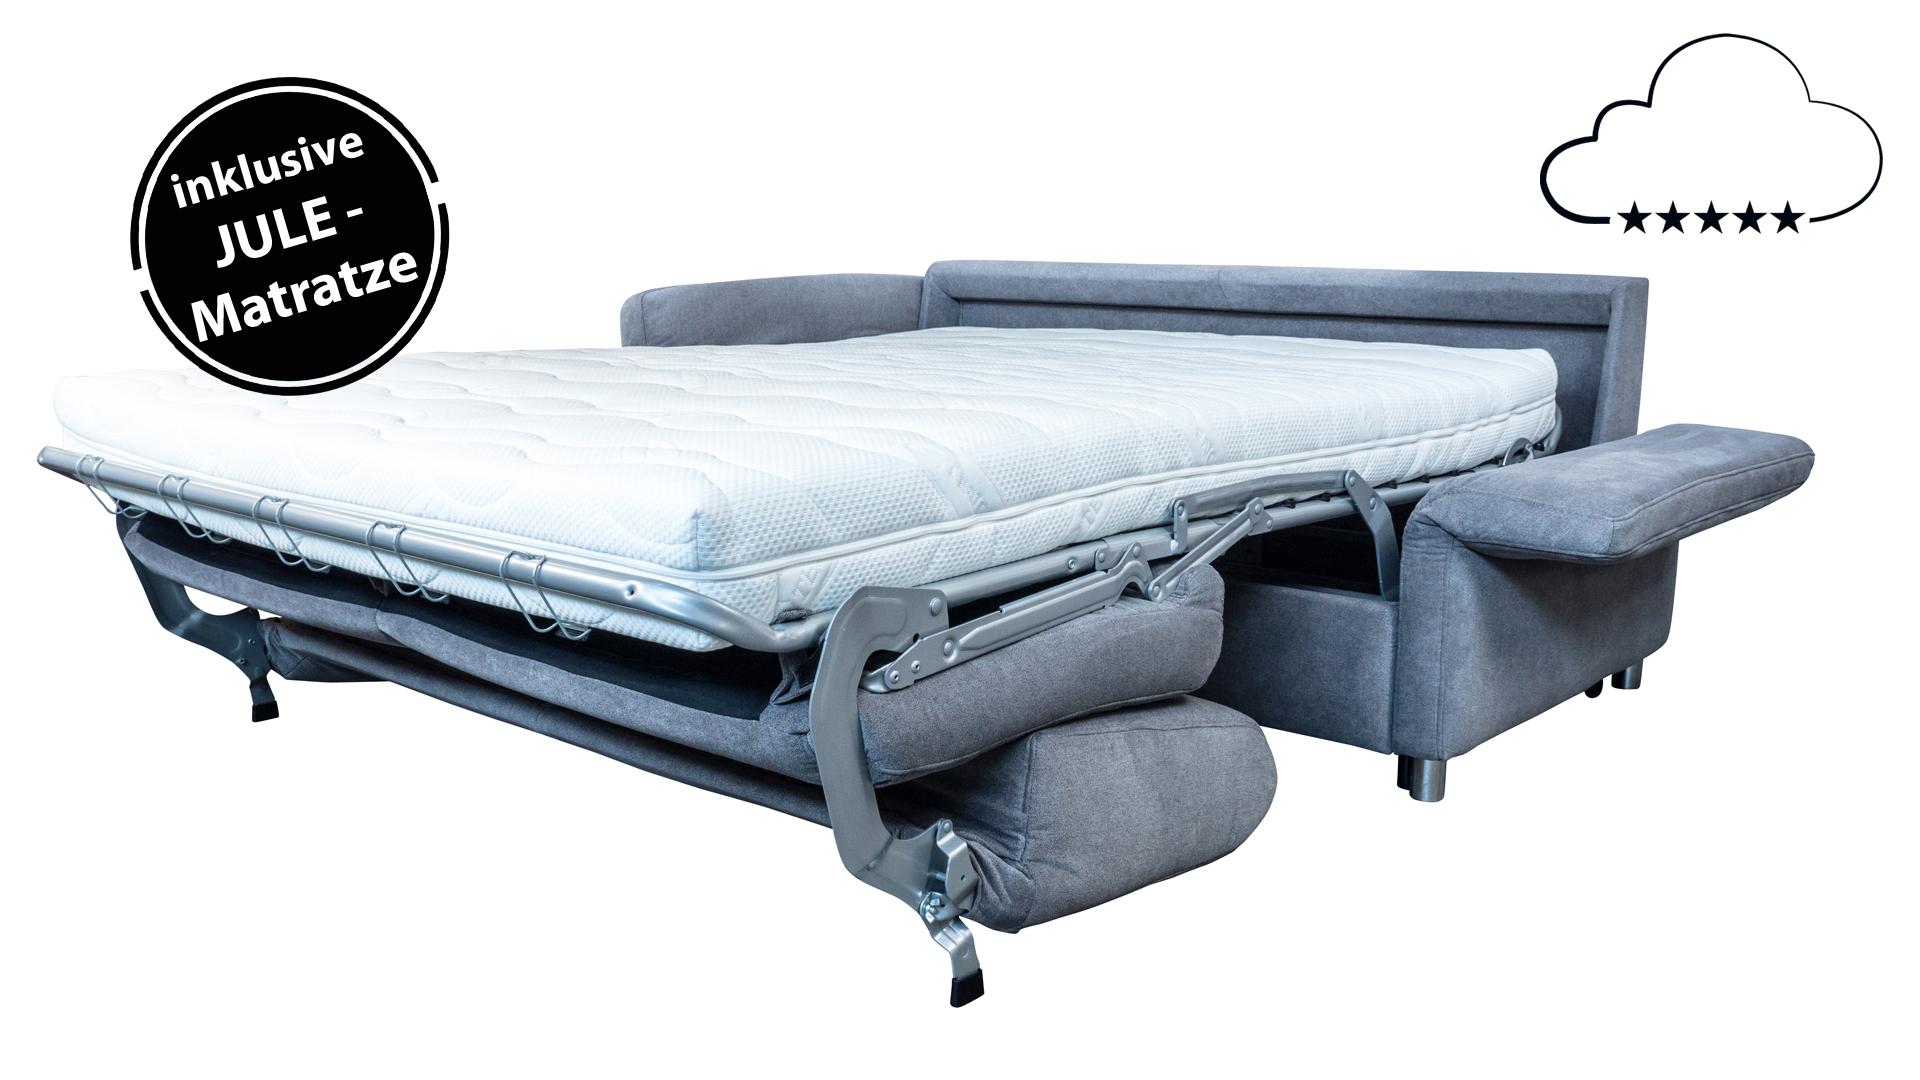 Full Size of Bett 200x200 Komforthöhe Schlafsofa Liegefläche 180x200 Mit Bettkasten Betten Stauraum Weiß 160x200 Wohnzimmer Schlafsofa 200x200